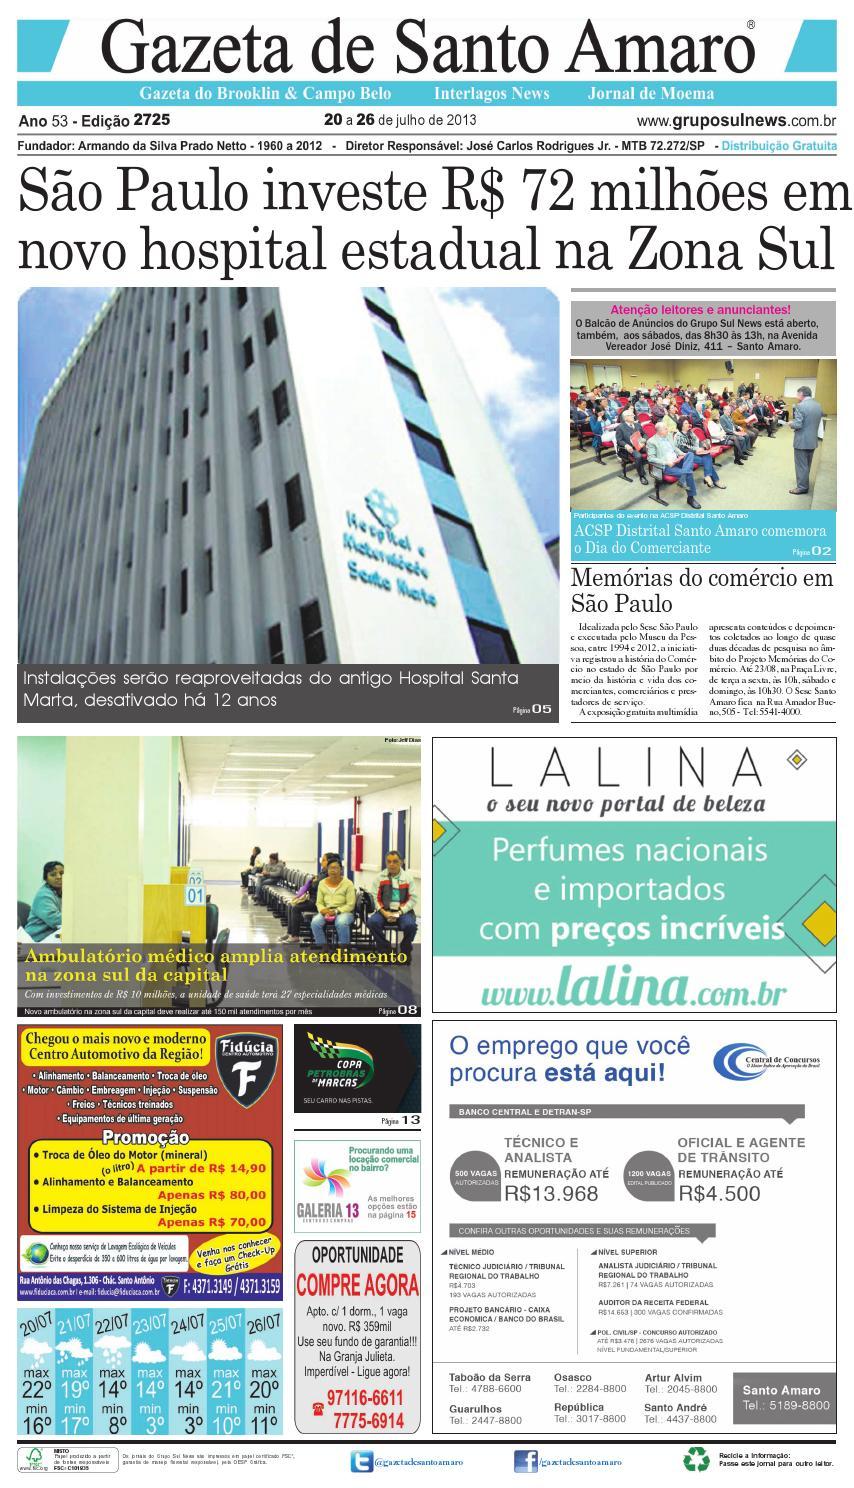 c9e15edd305 Edição 2725 - 20 a 26 de julho de 2013 by Grupo Sul News - issuu